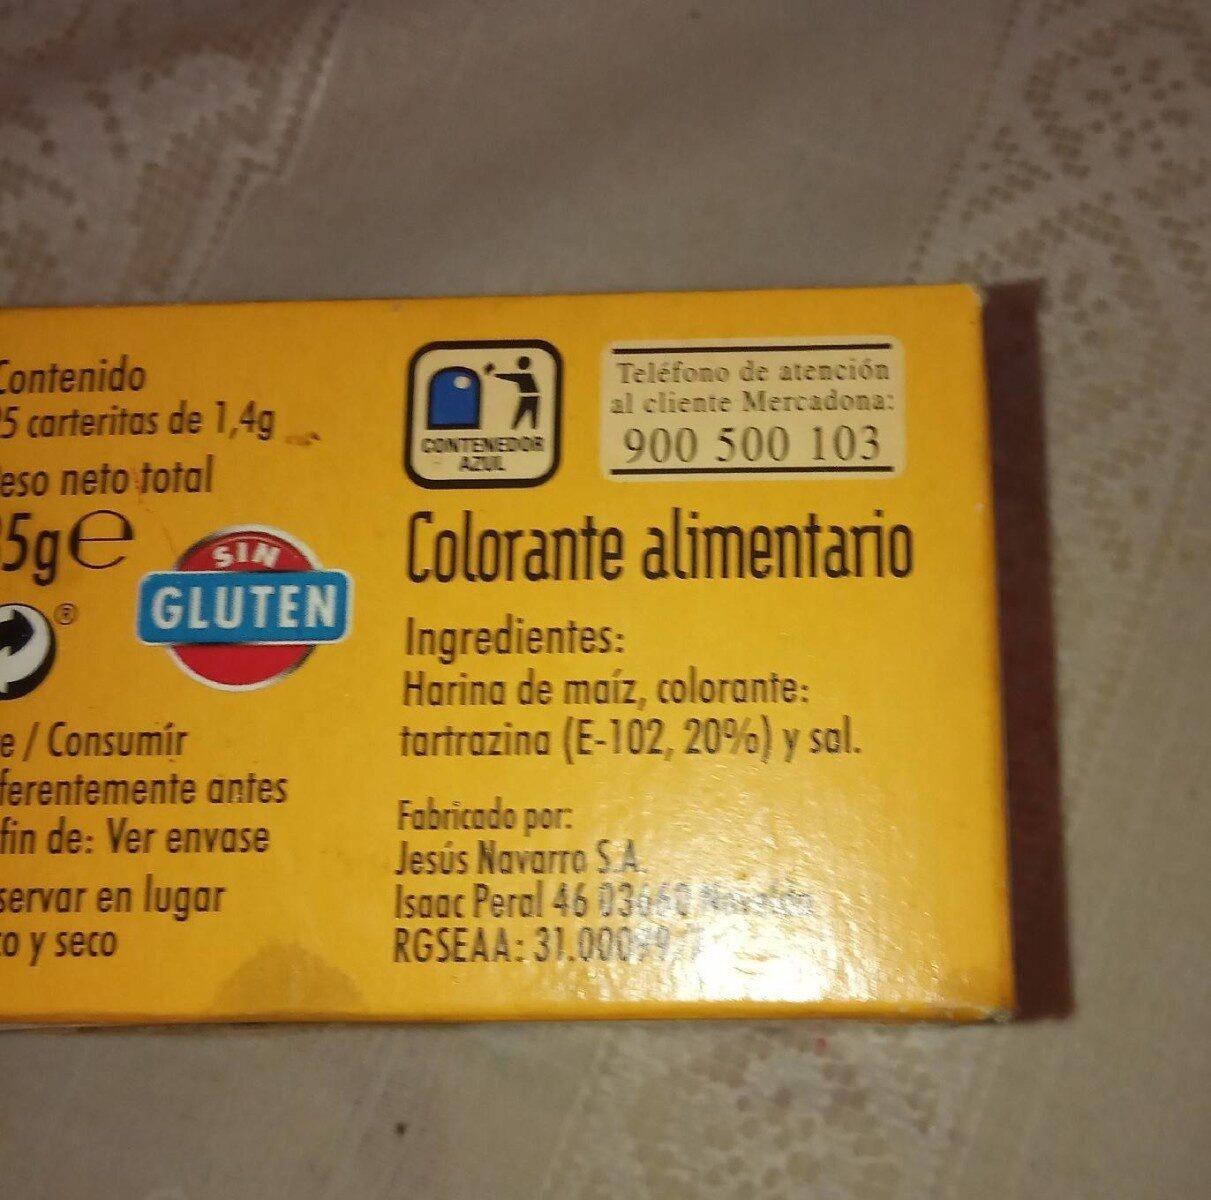 Colorante alimentario - Informations nutritionnelles - es